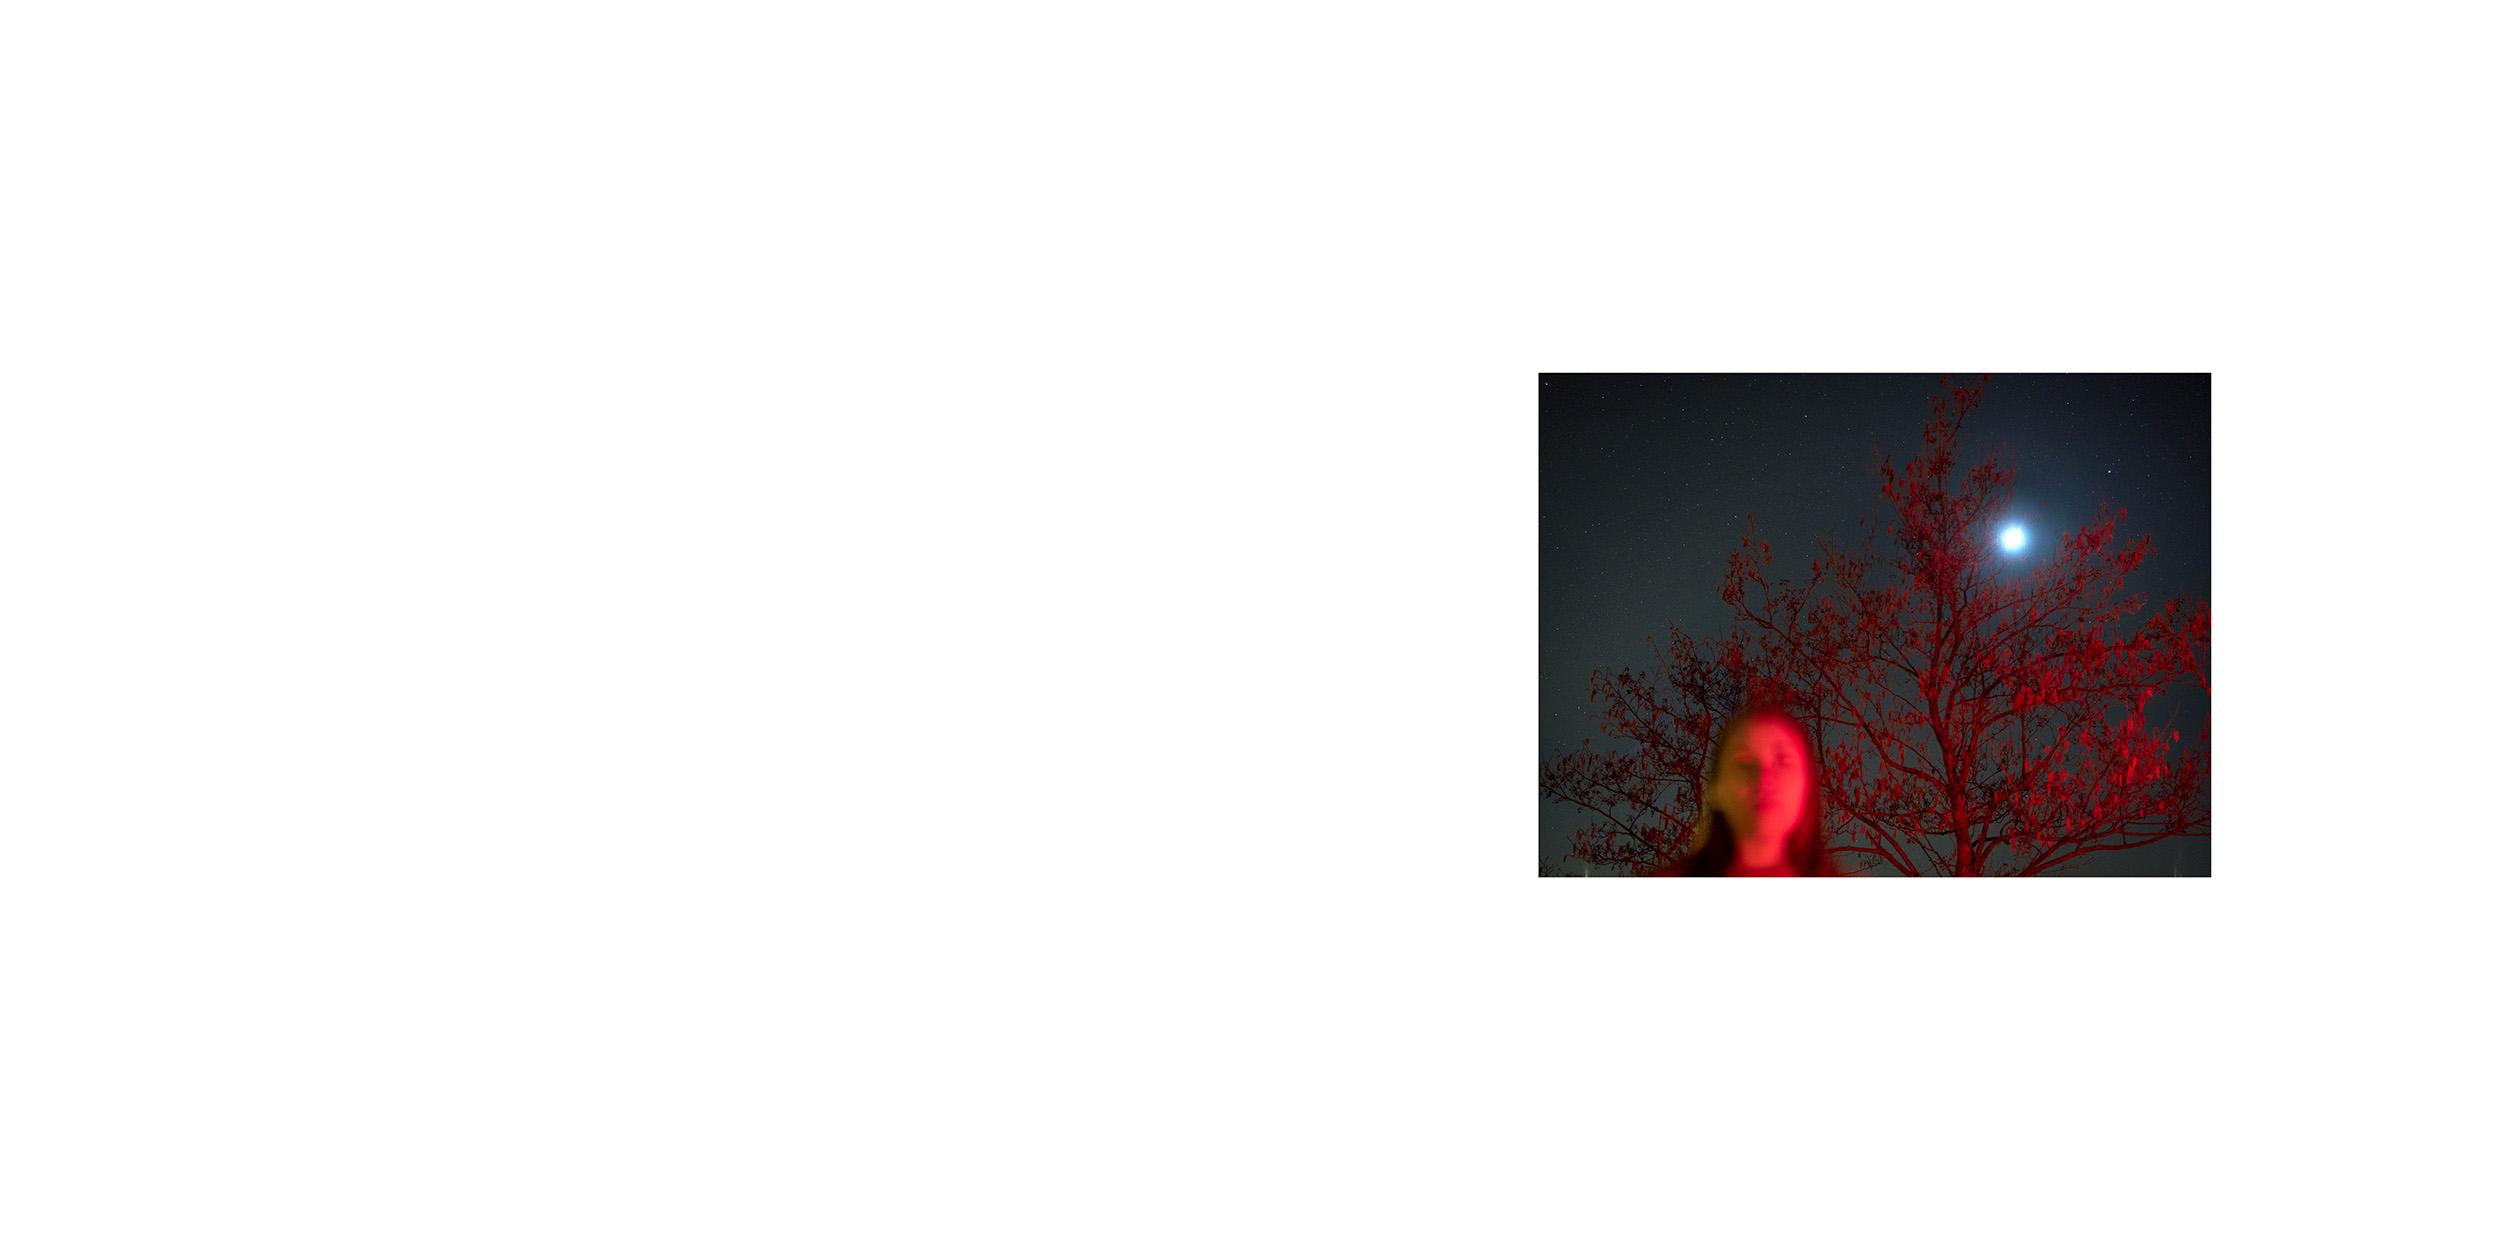 fotoskolen fatamorgana_4-5.jpg